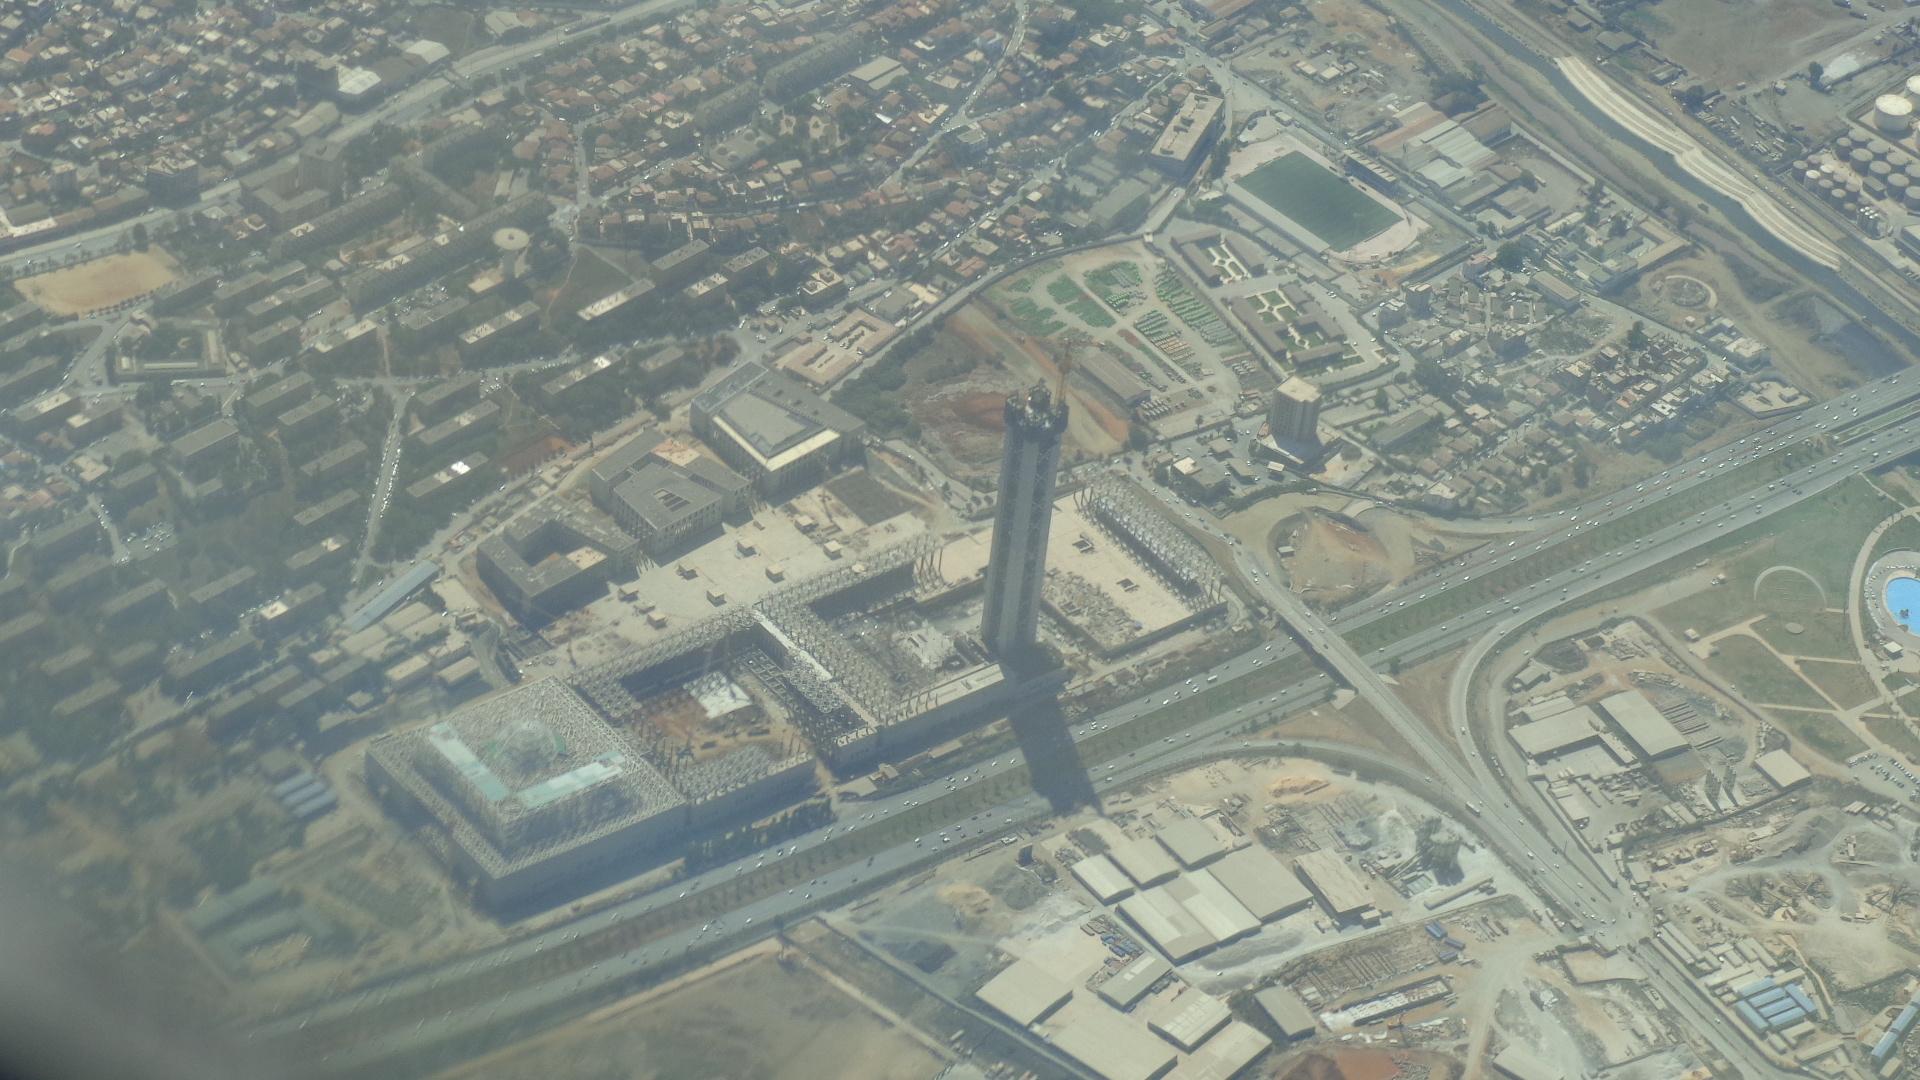 مشروع جامع الجزائر الأعظم: إعطاء إشارة إنطلاق أشغال الإنجاز - صفحة 16 160903094940794816